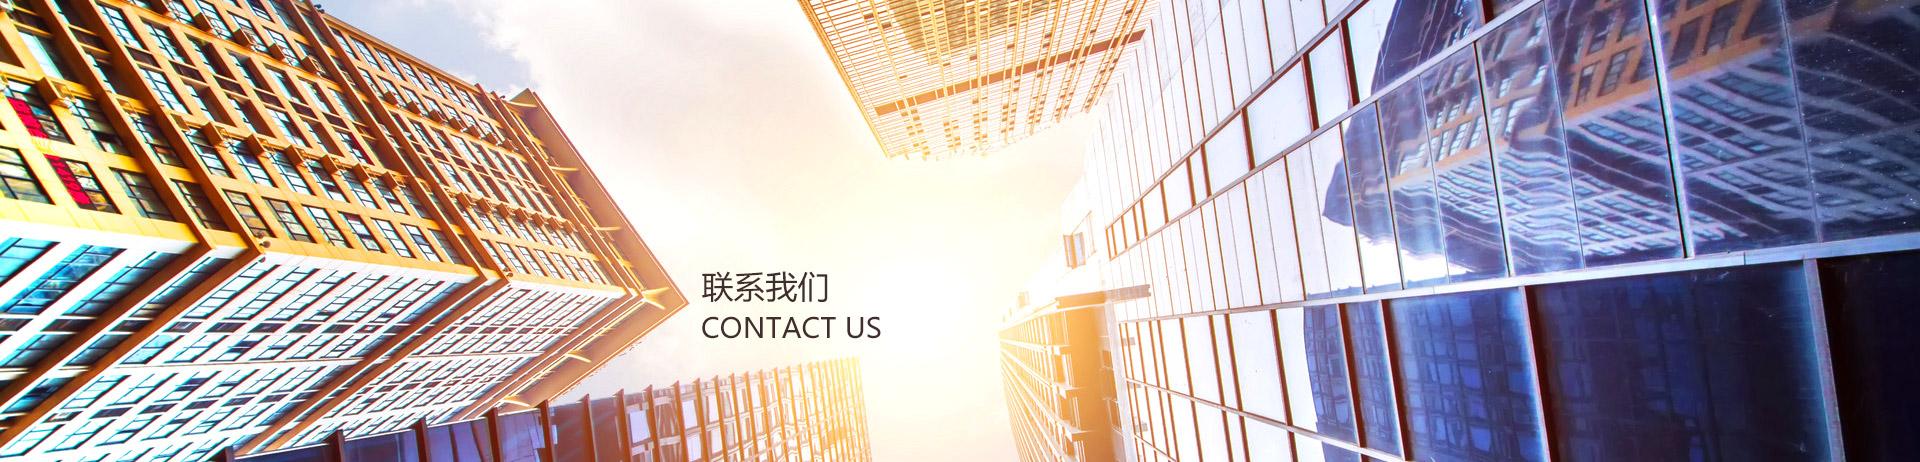 宏偉達機械工程(深圳)有限公司